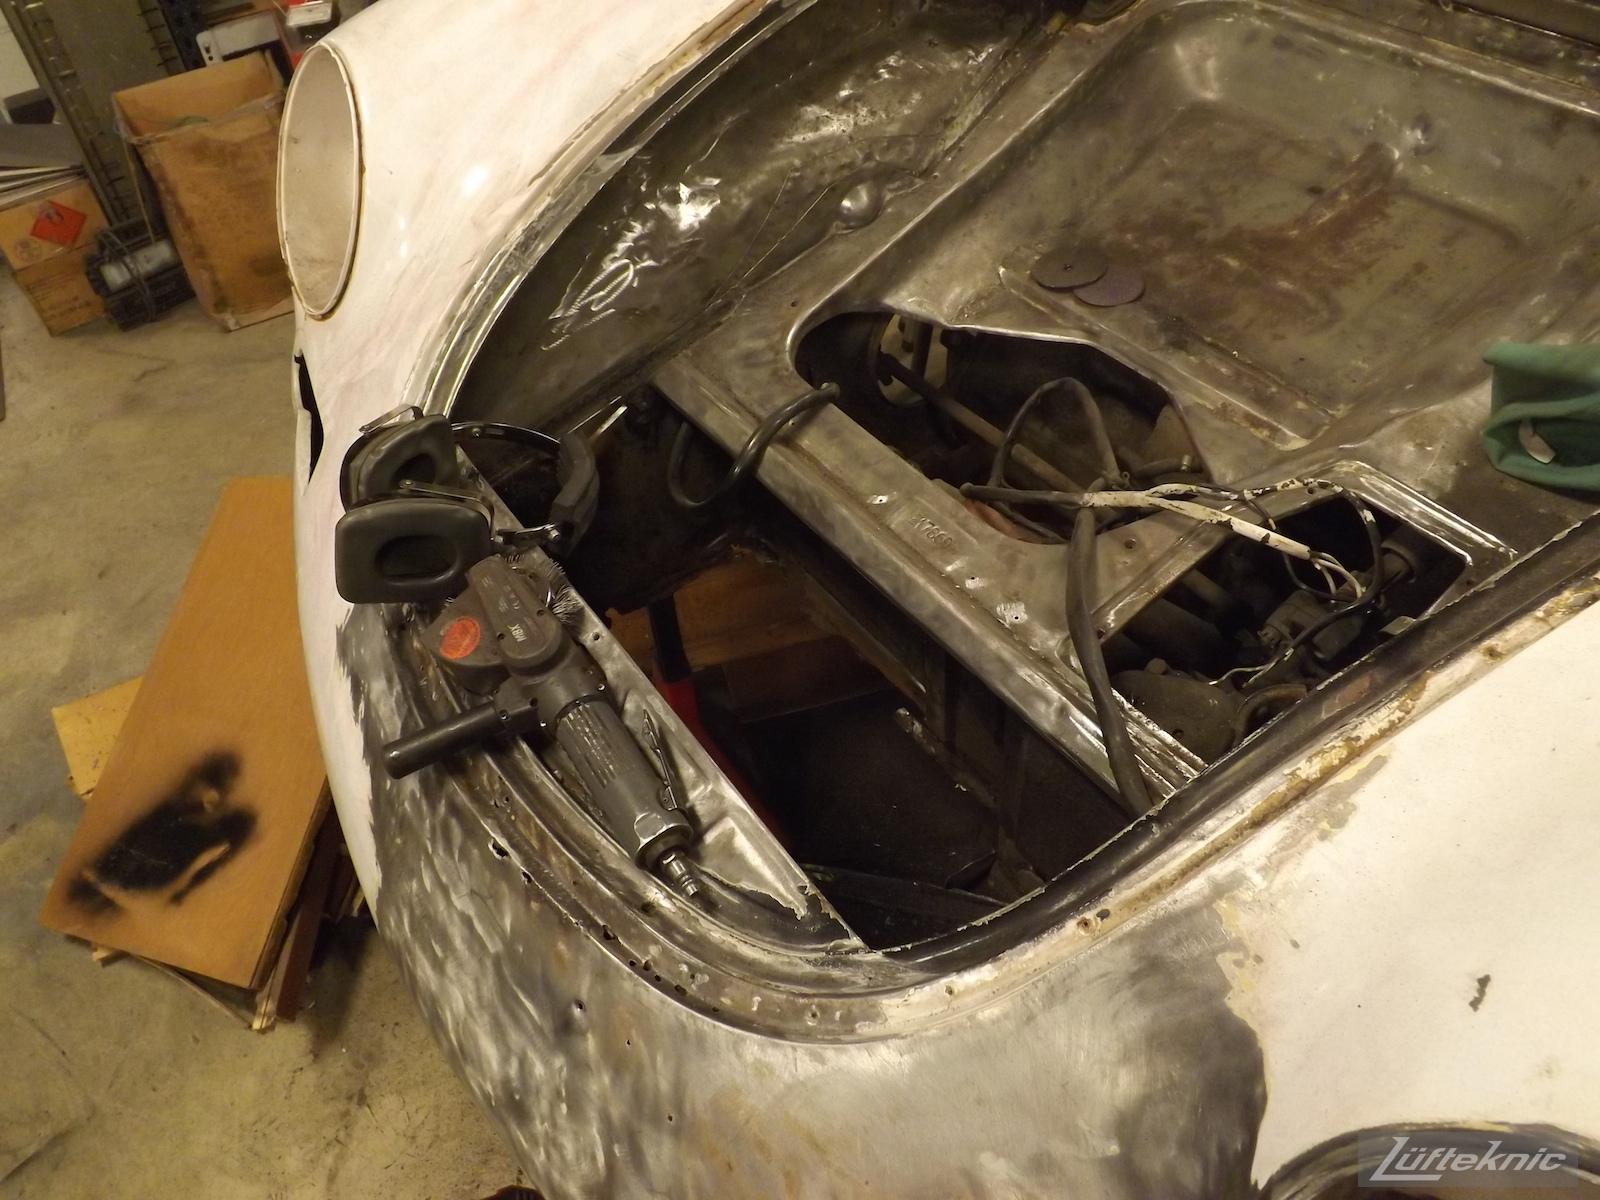 Front floor repair on a White 1964 Porsche 356SC being restored.